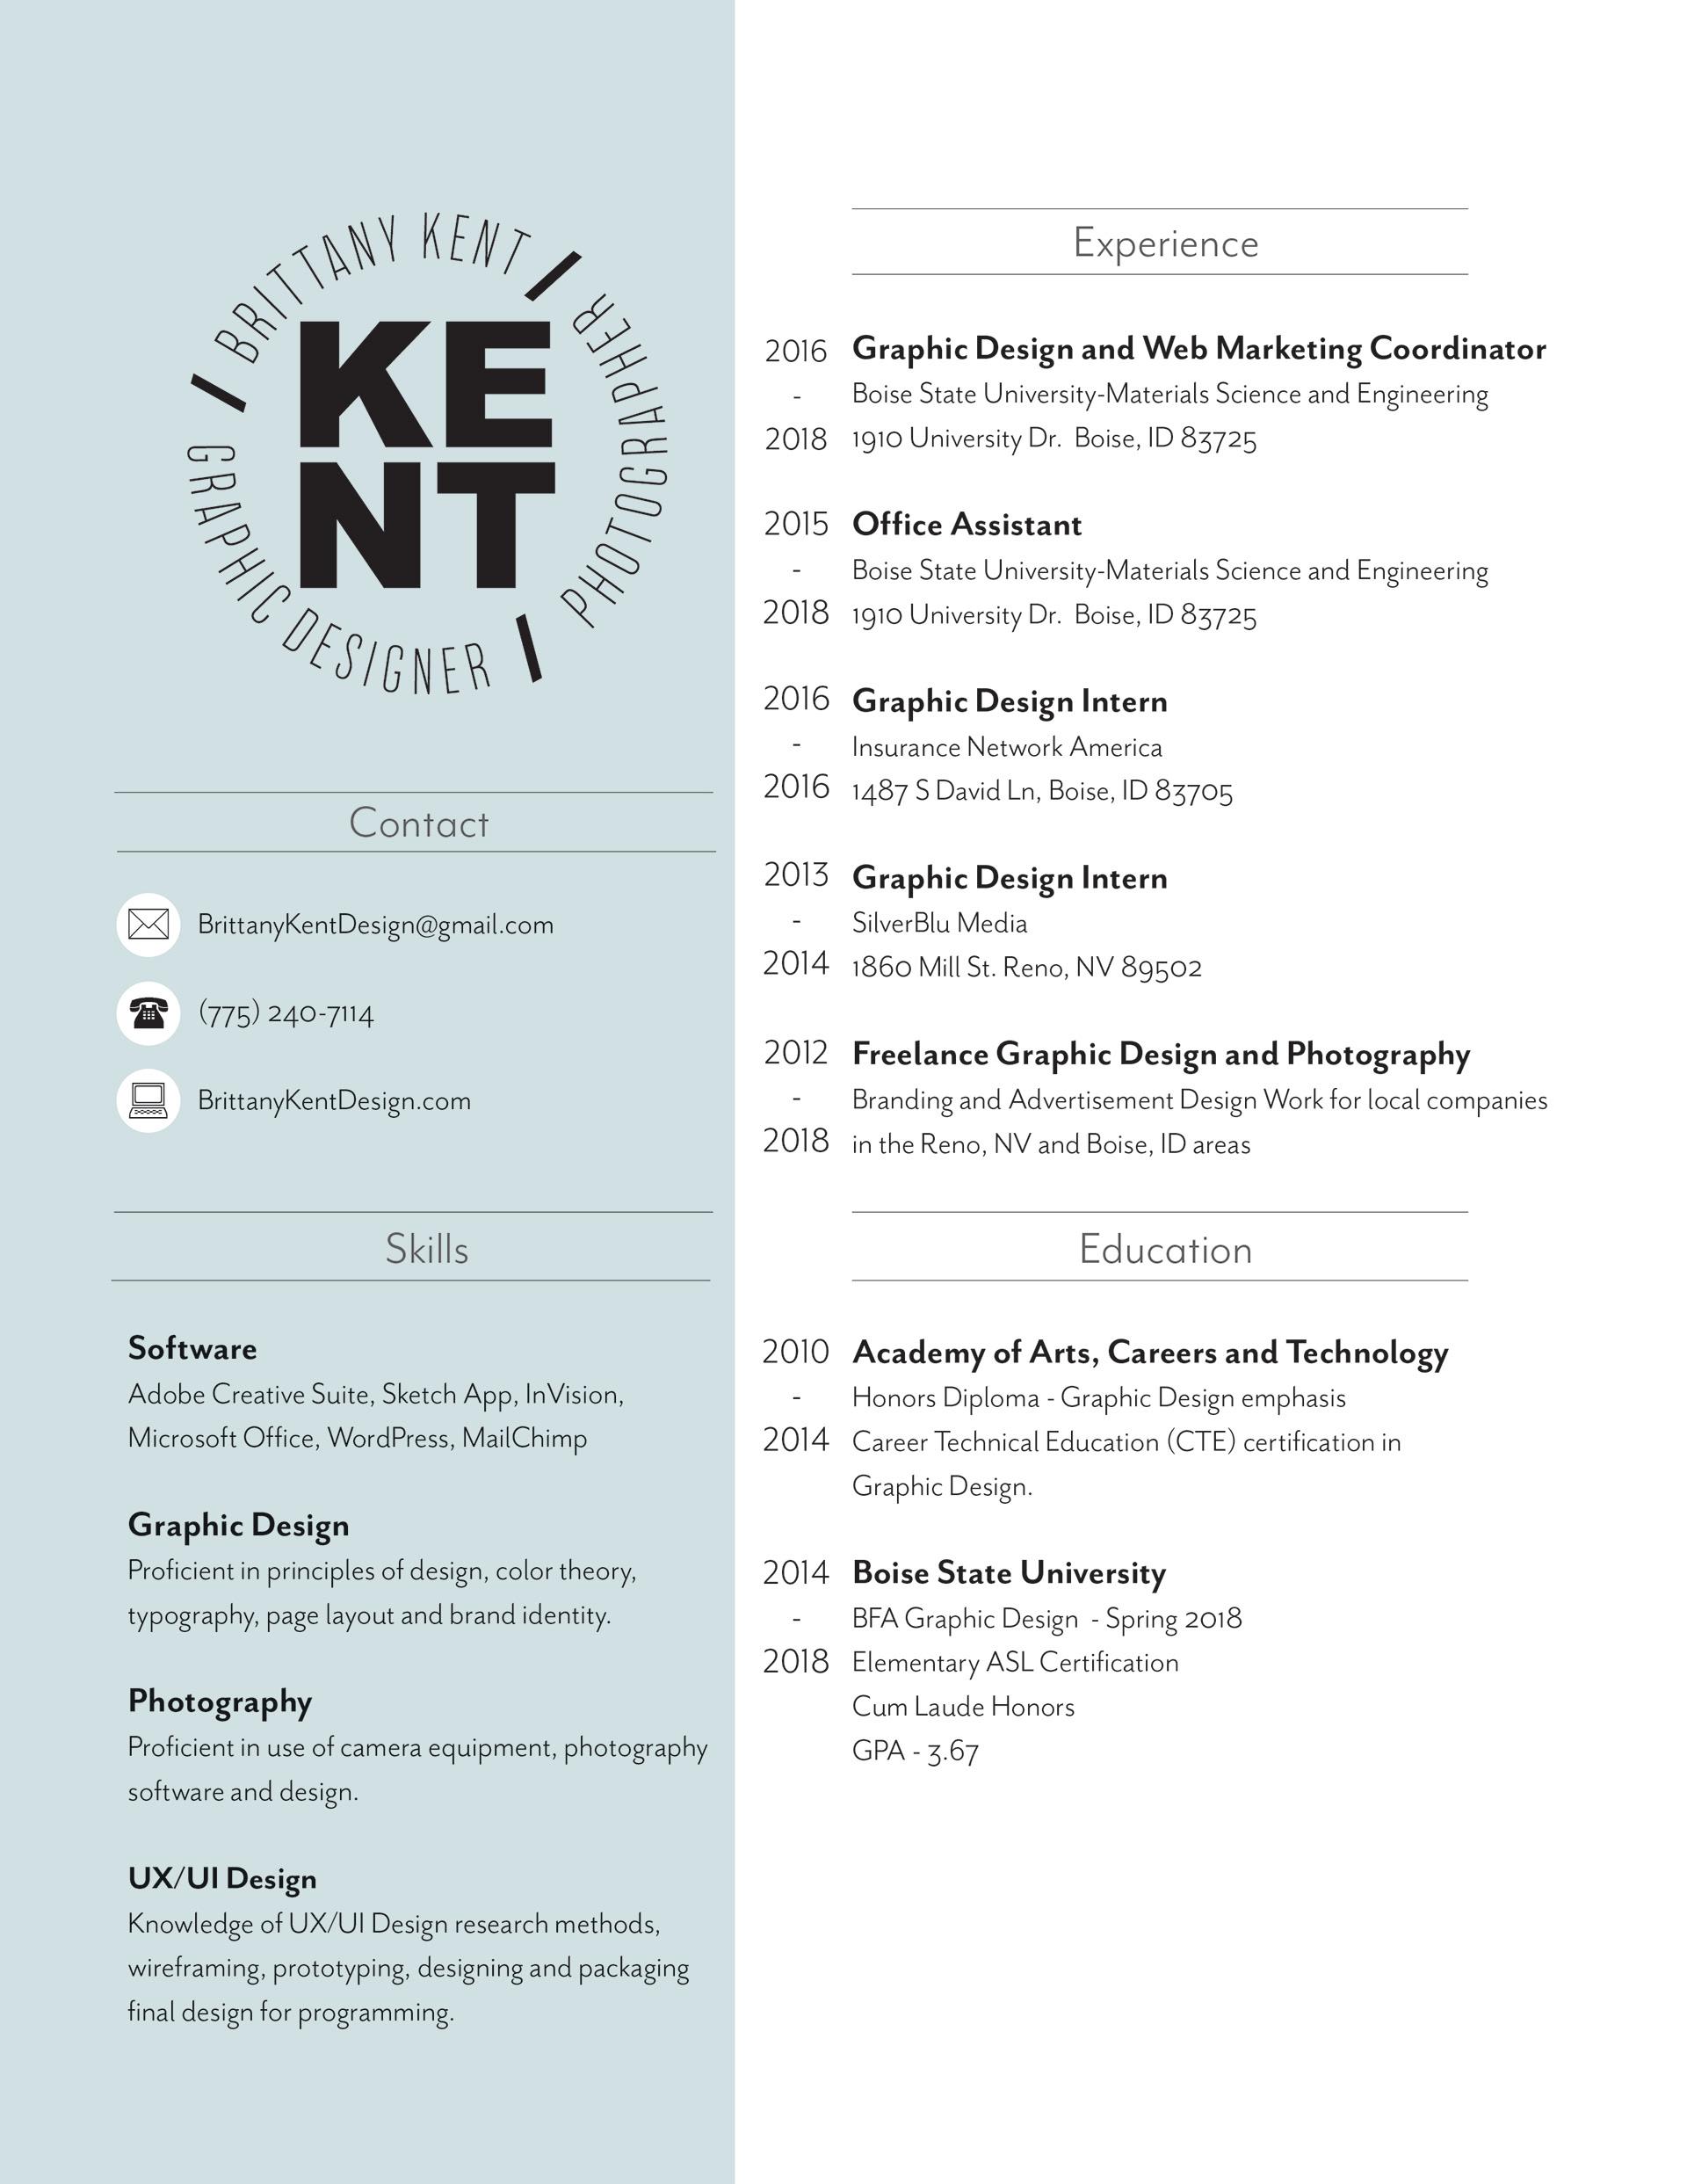 Brittany Kent Portfolio - Resume